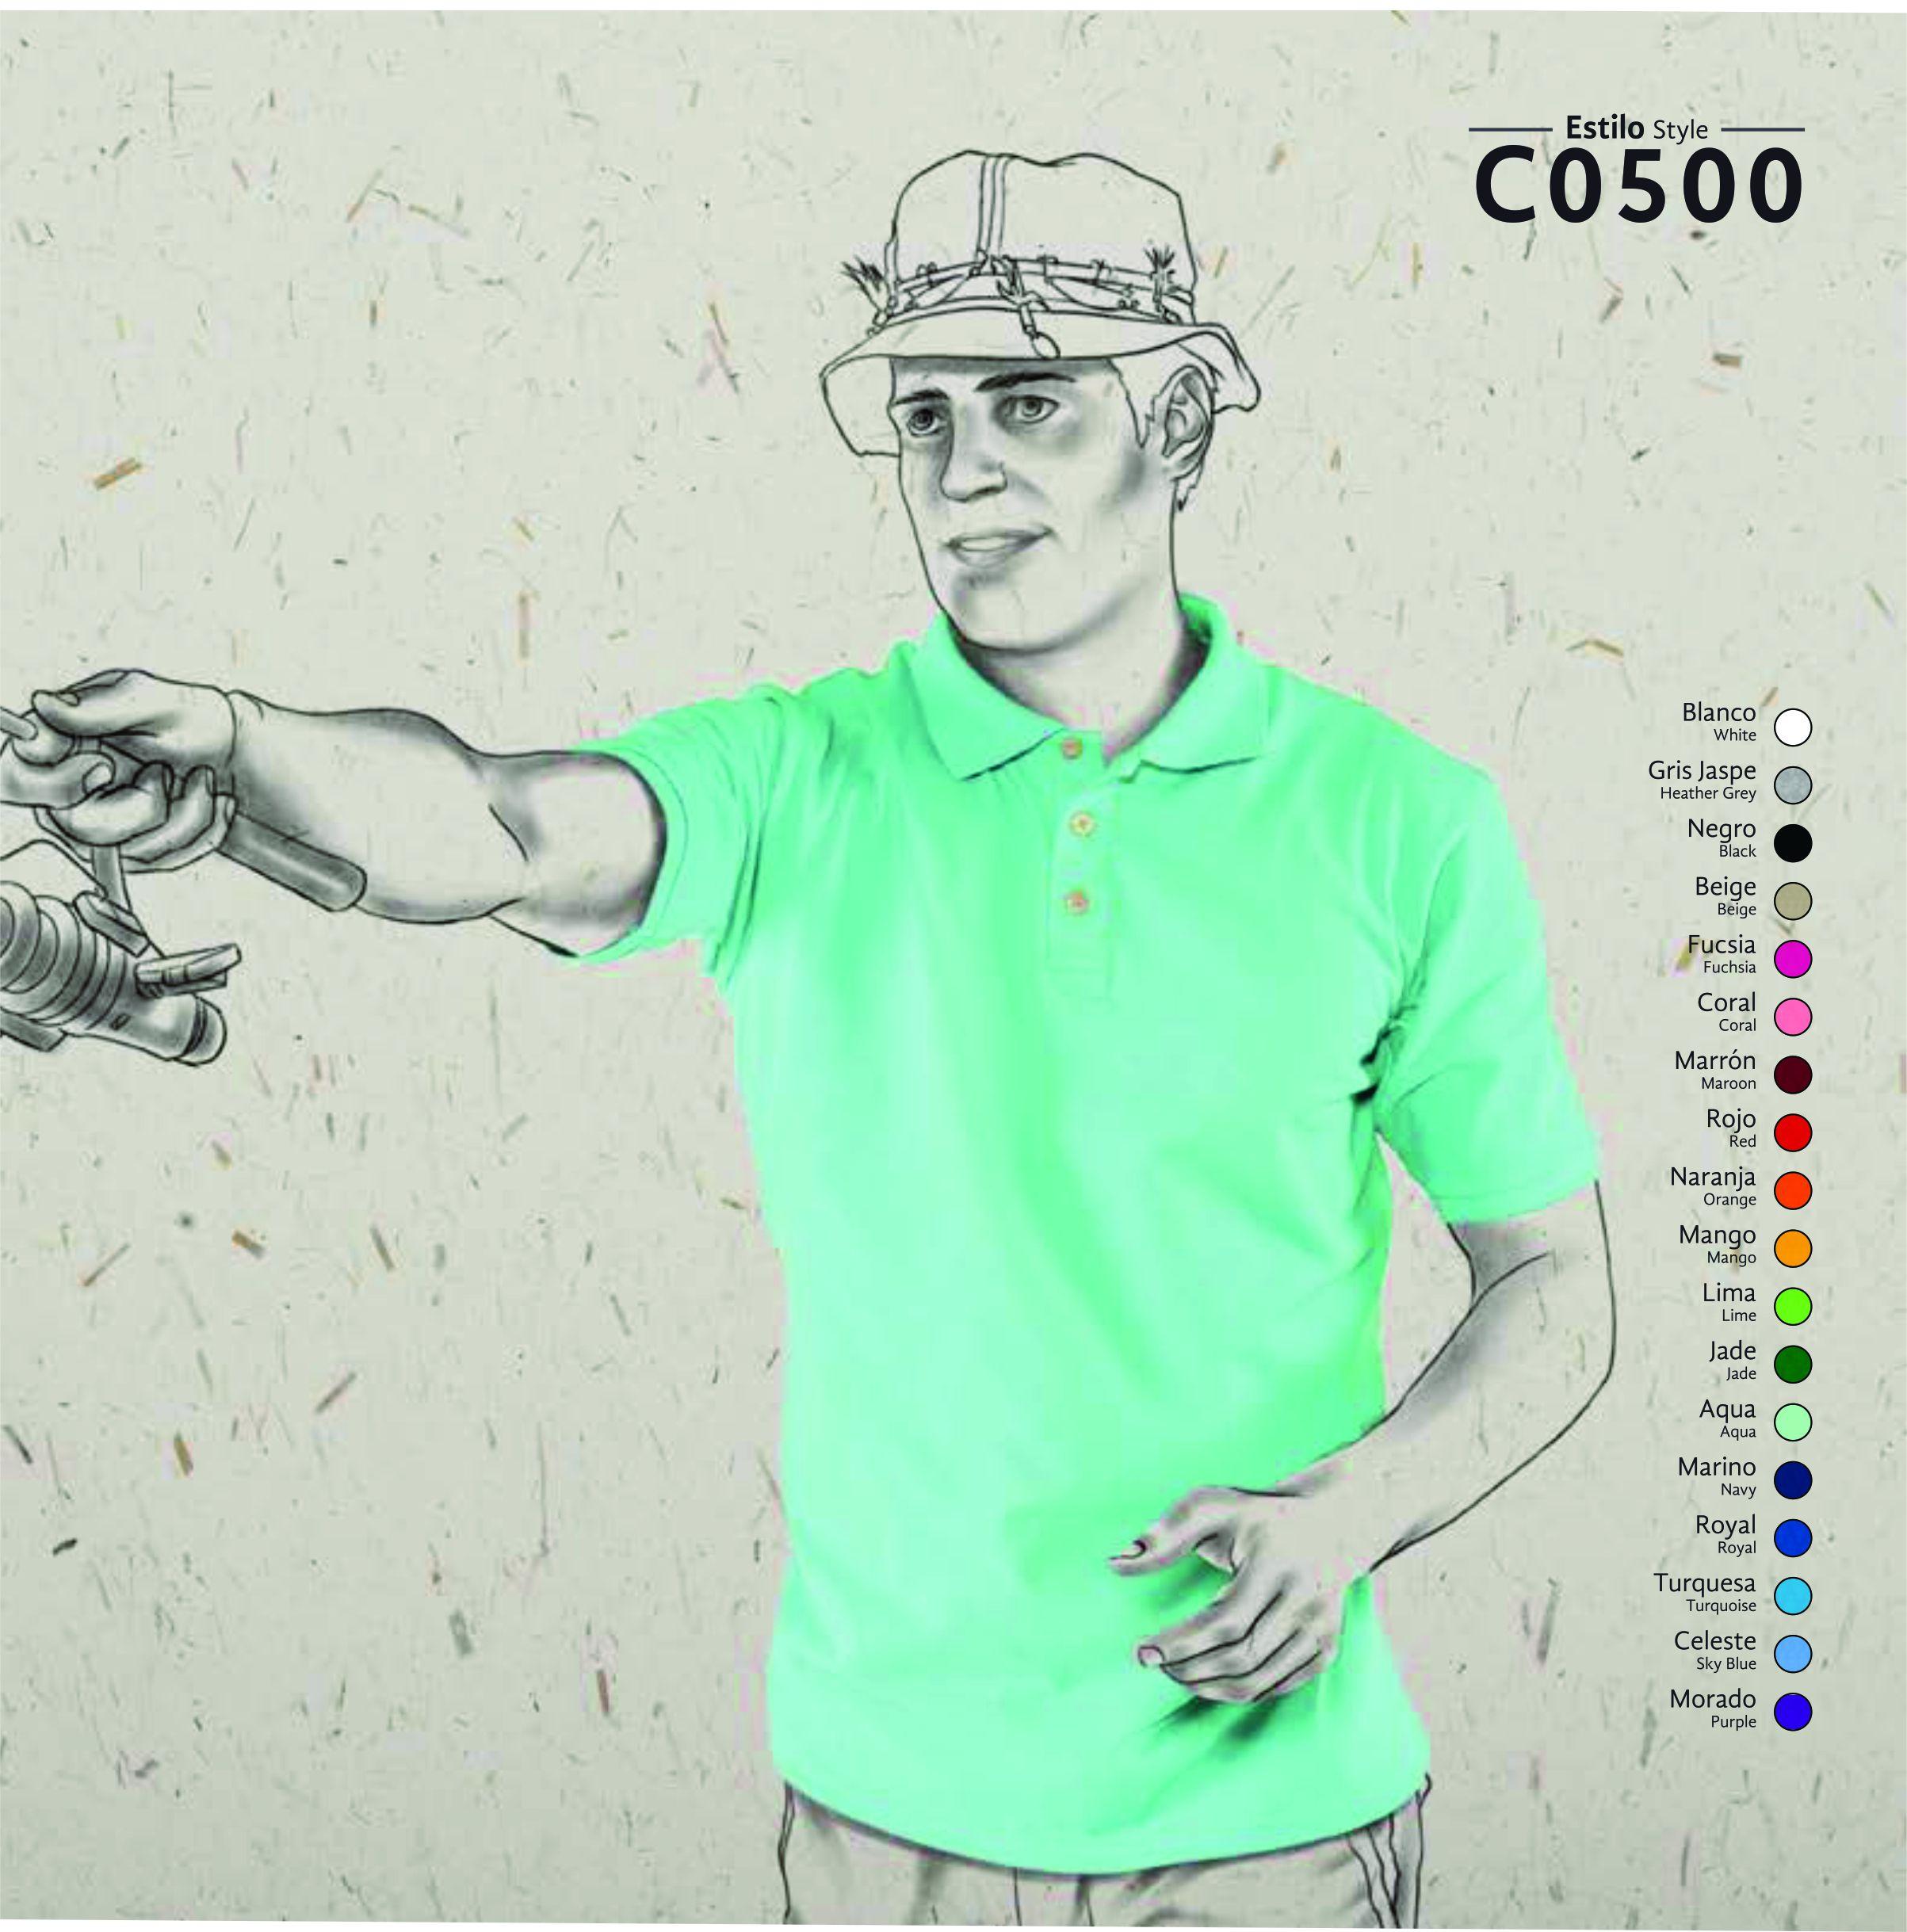 6d01e96e8b07d PLAYERA TIPO POLO PIQUE CABALLERO COLORES EEG - Distribuciones Joven ...